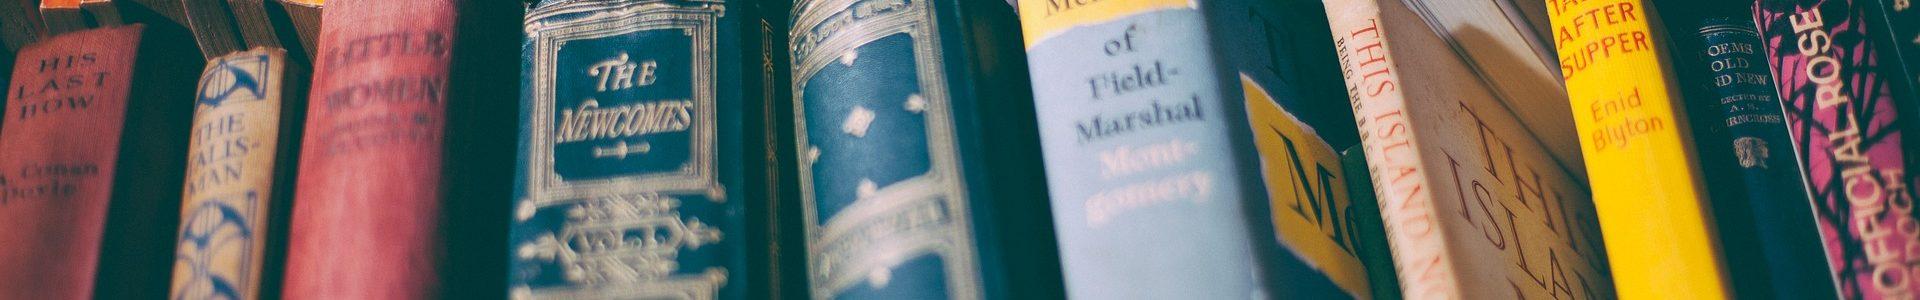 book-1867171_1920